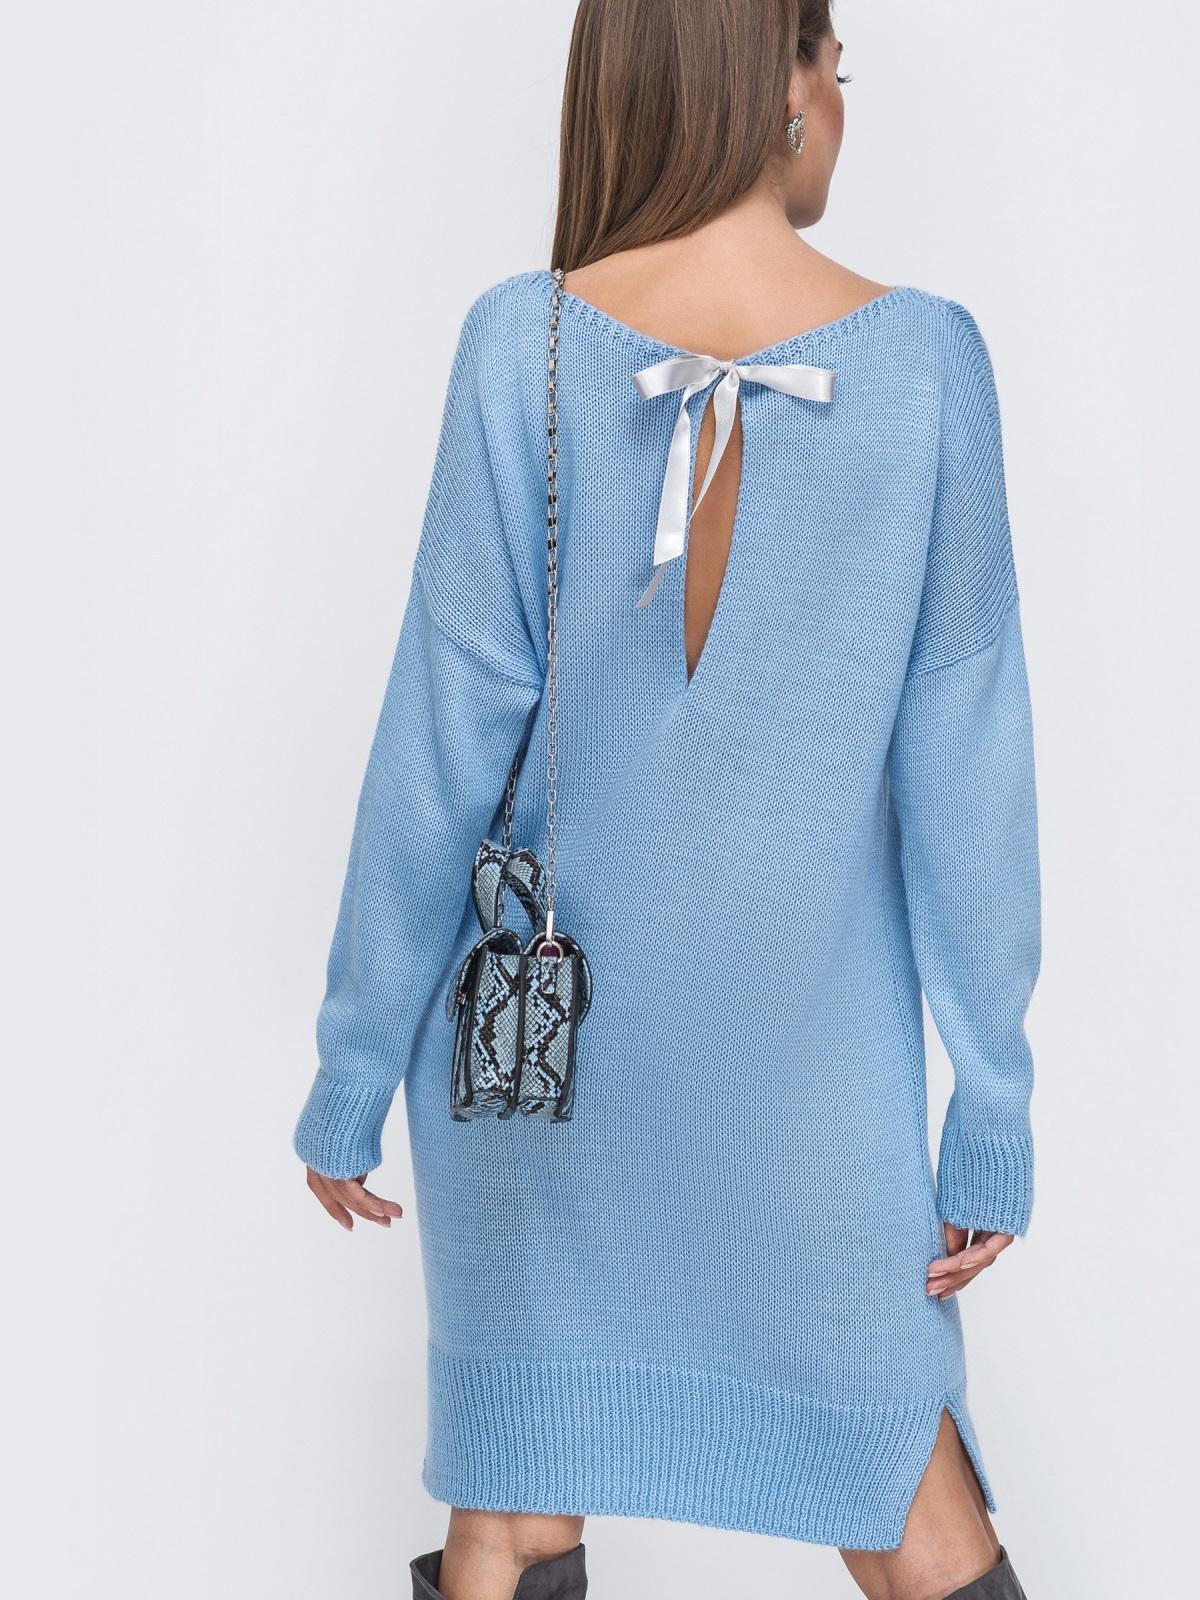 Вязаное платье с вырезом по спинке голубое - 41047, фото 1 – интернет-магазин Dressa